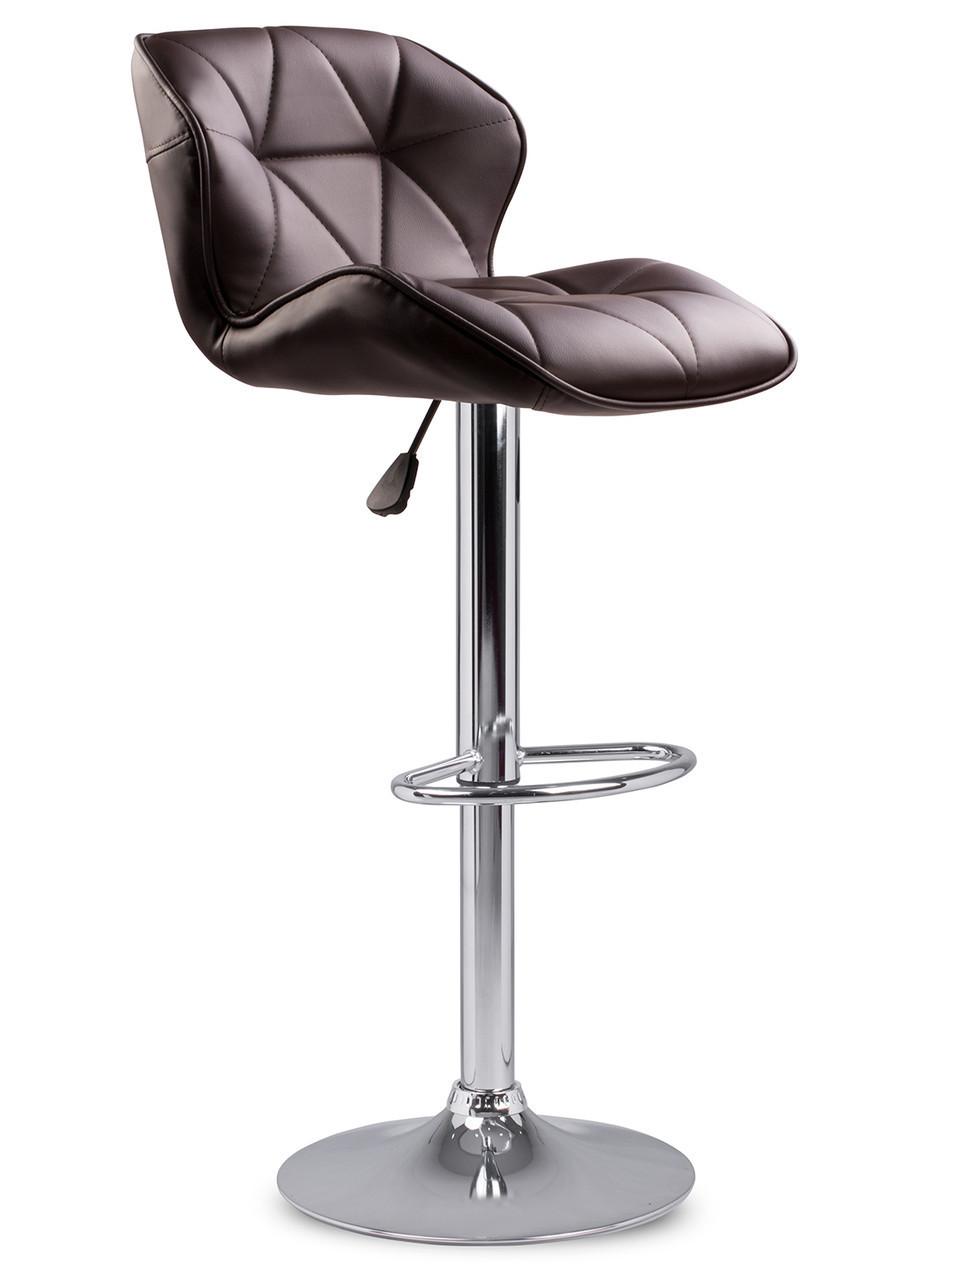 Барный стул Hoker SEVILA с поворотом сиденья 360 градусов и подставкой для ног Коричневый